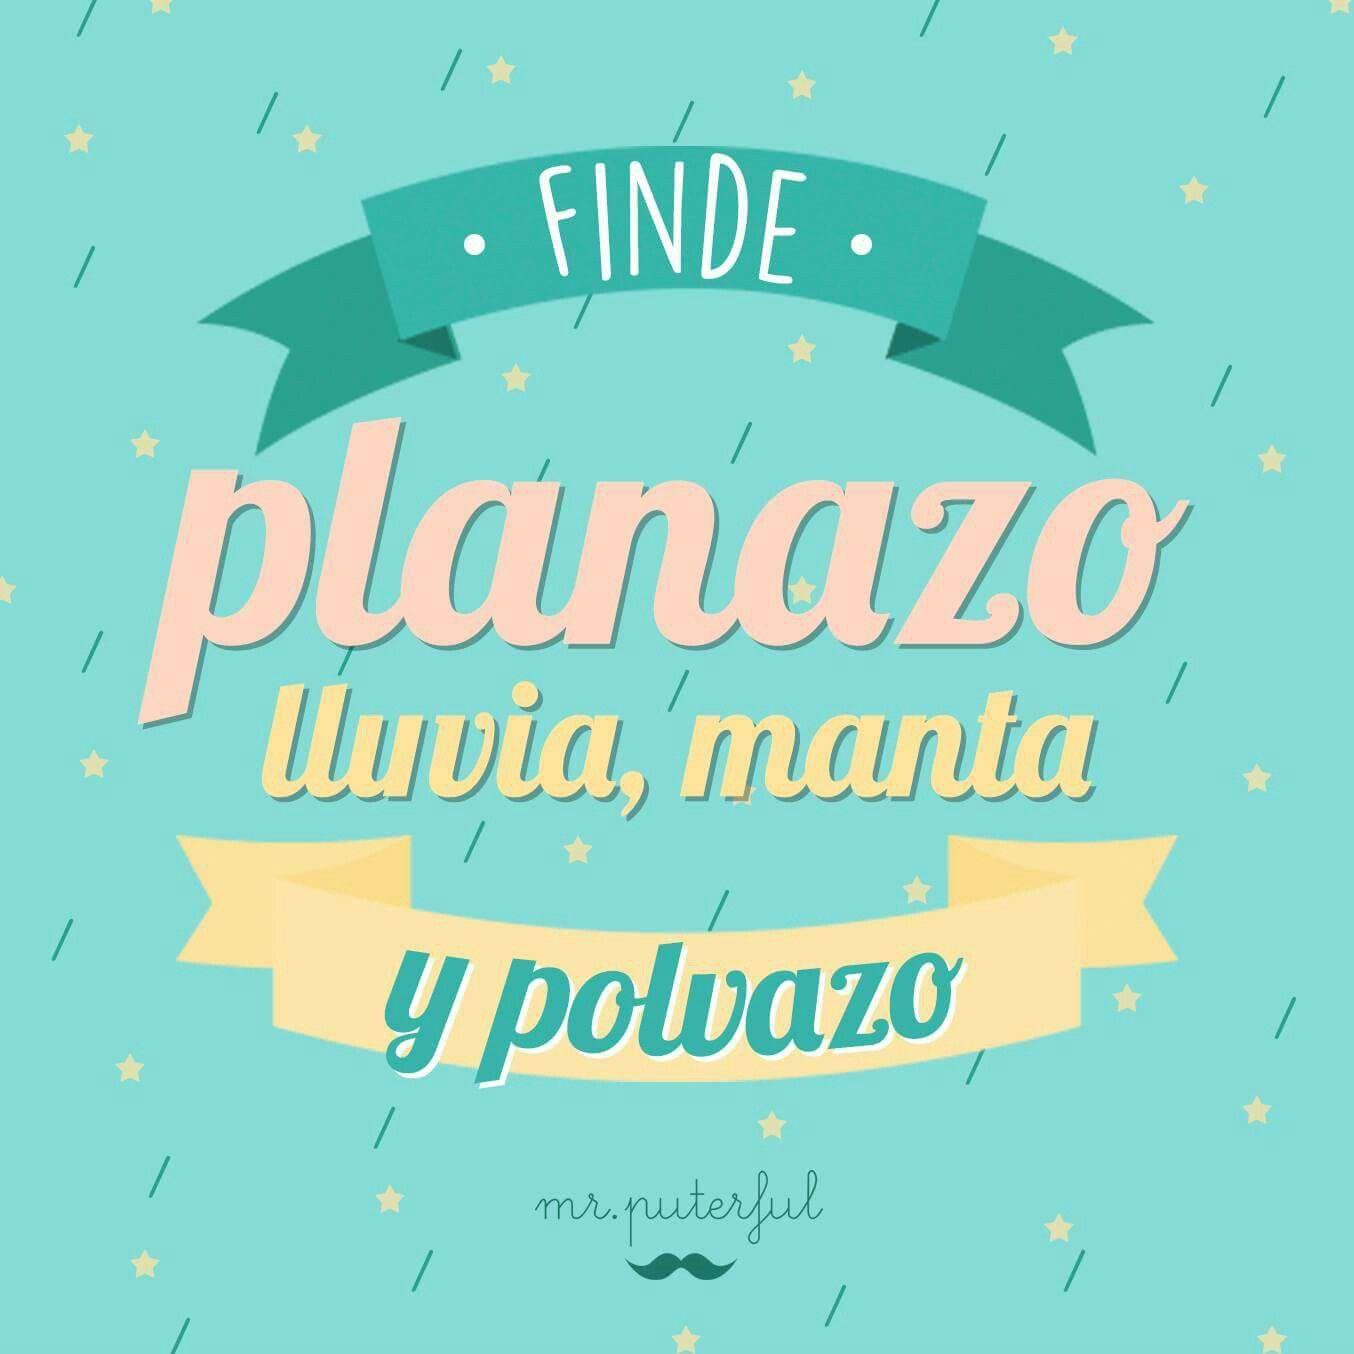 Finde perfecto